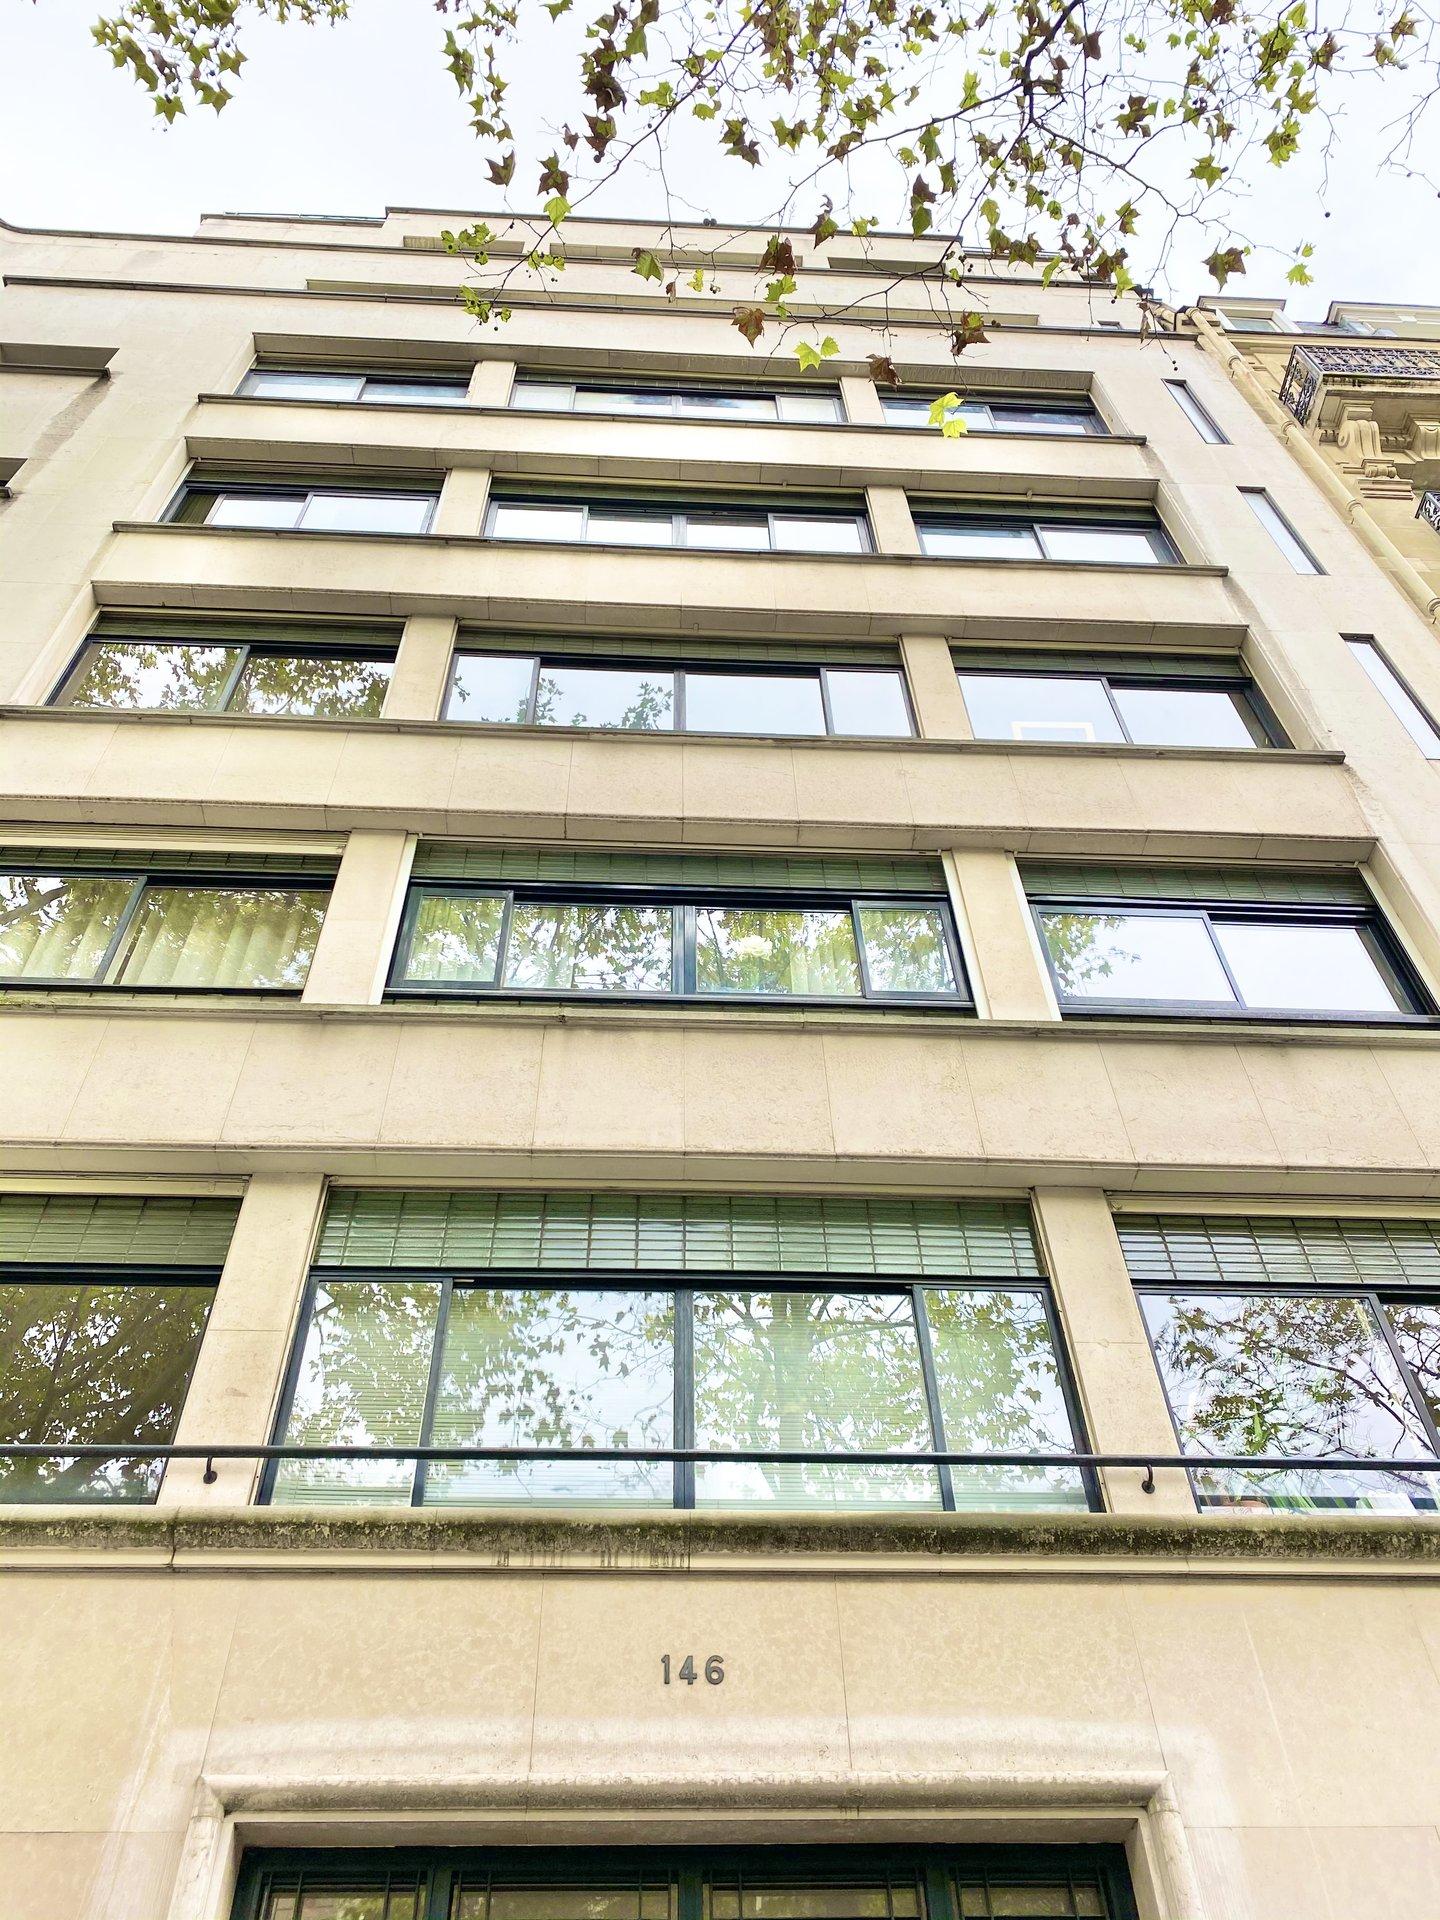 Sale Apartment - Paris 14th (Paris 14ème) Montparnasse